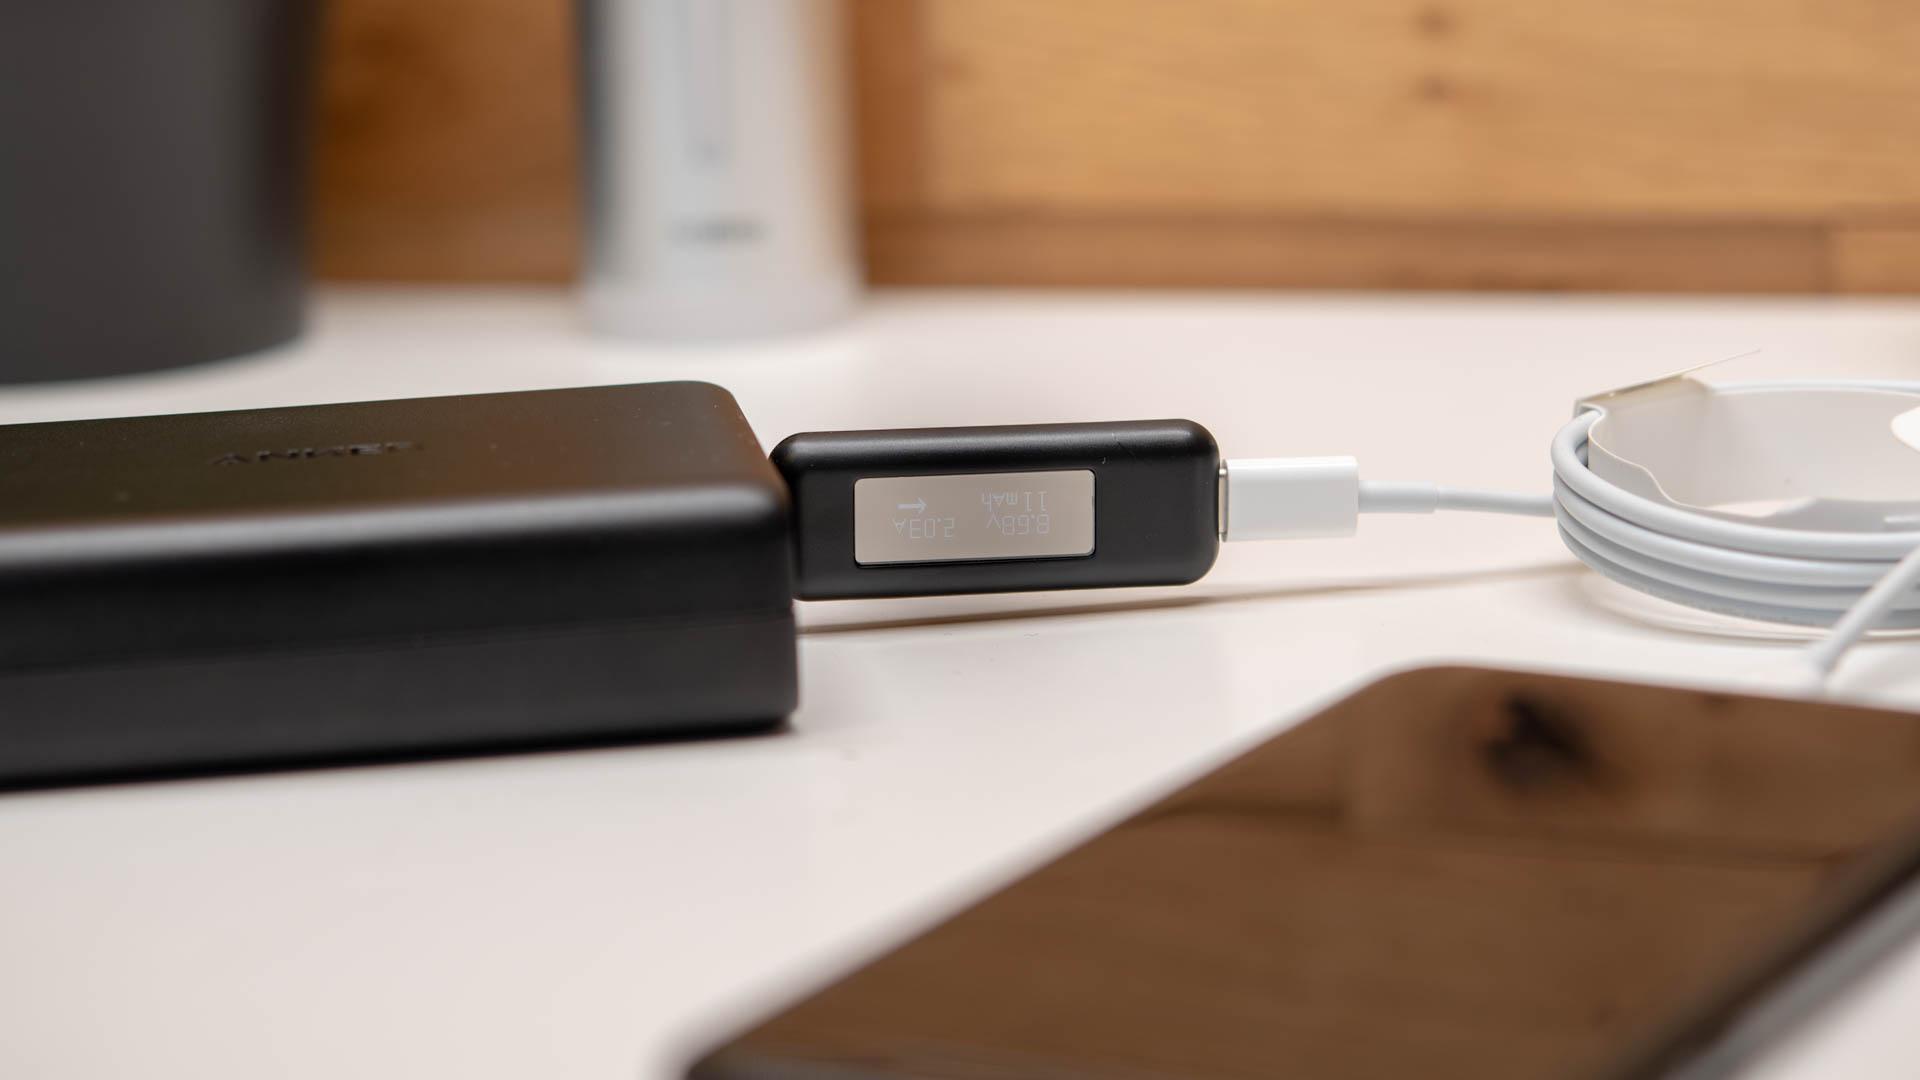 das iphone xs und xs max schnellladen infos und analyse. Black Bedroom Furniture Sets. Home Design Ideas